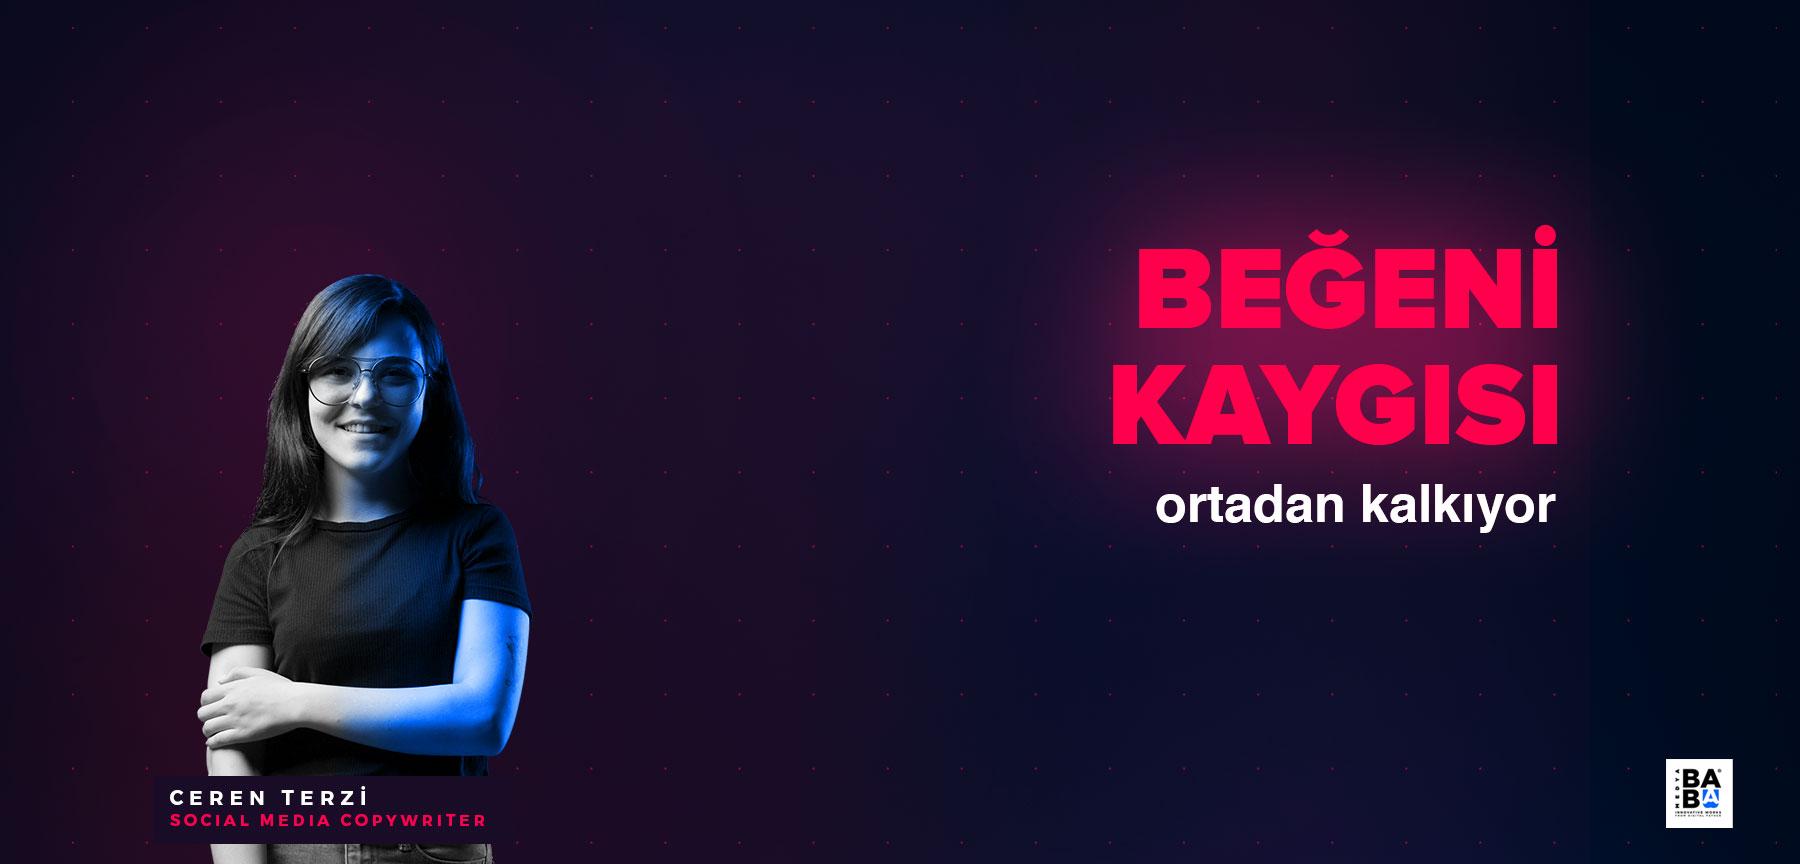 BEĞENİ KAYGISI ORTADAN KALKIYOR!!